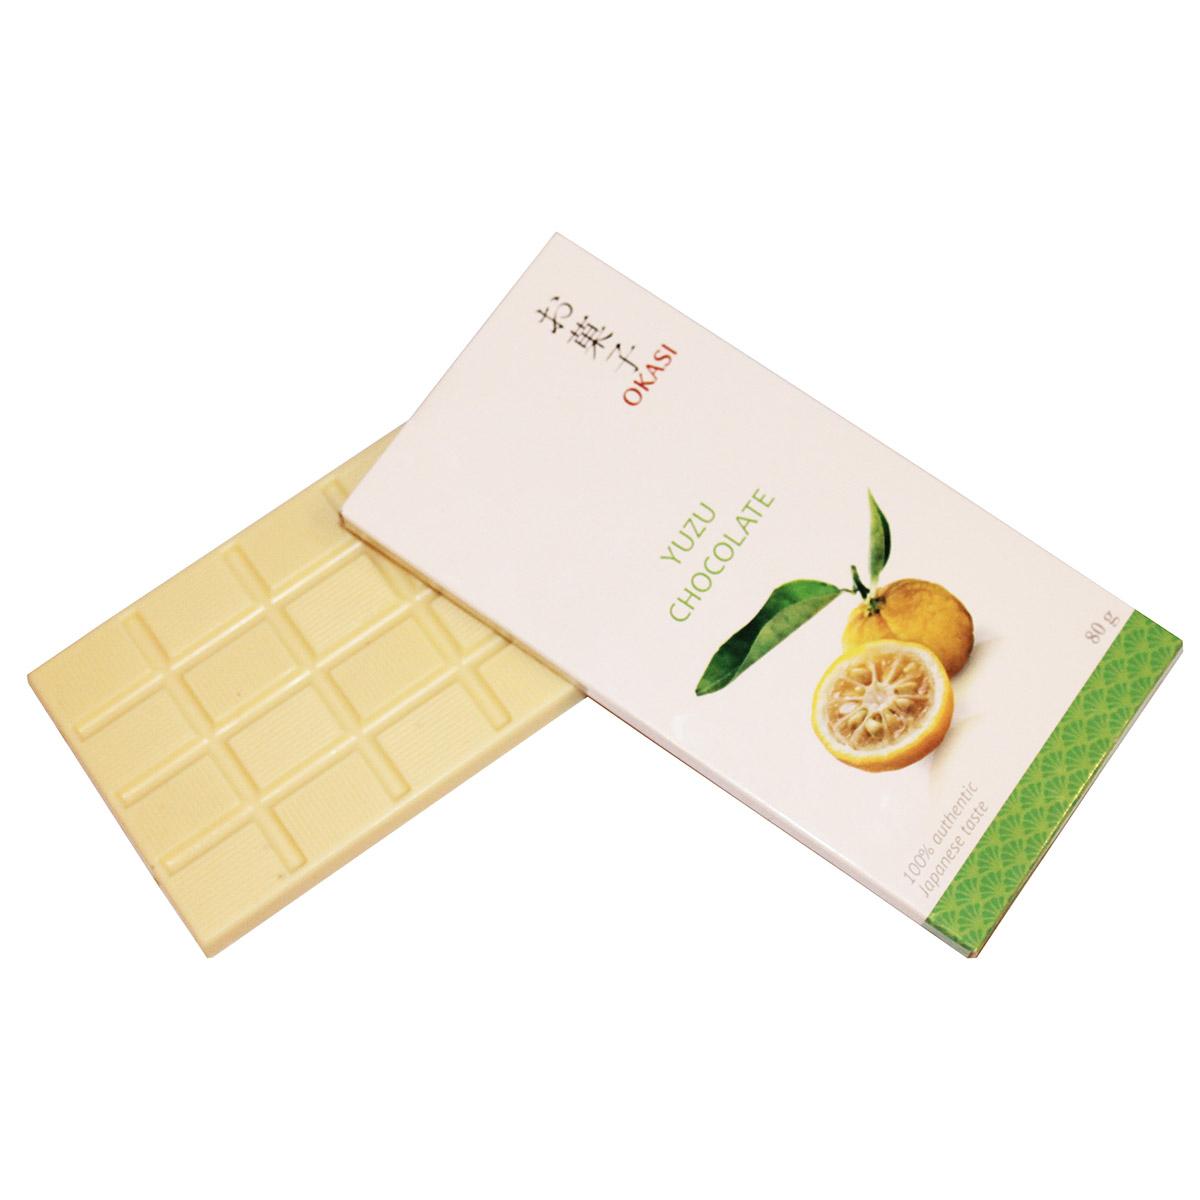 Шоколад Okasi с юдзу, плитка, 80 г alpen gold шоколад белый с миндалем и кокосовой стружкой 90 г